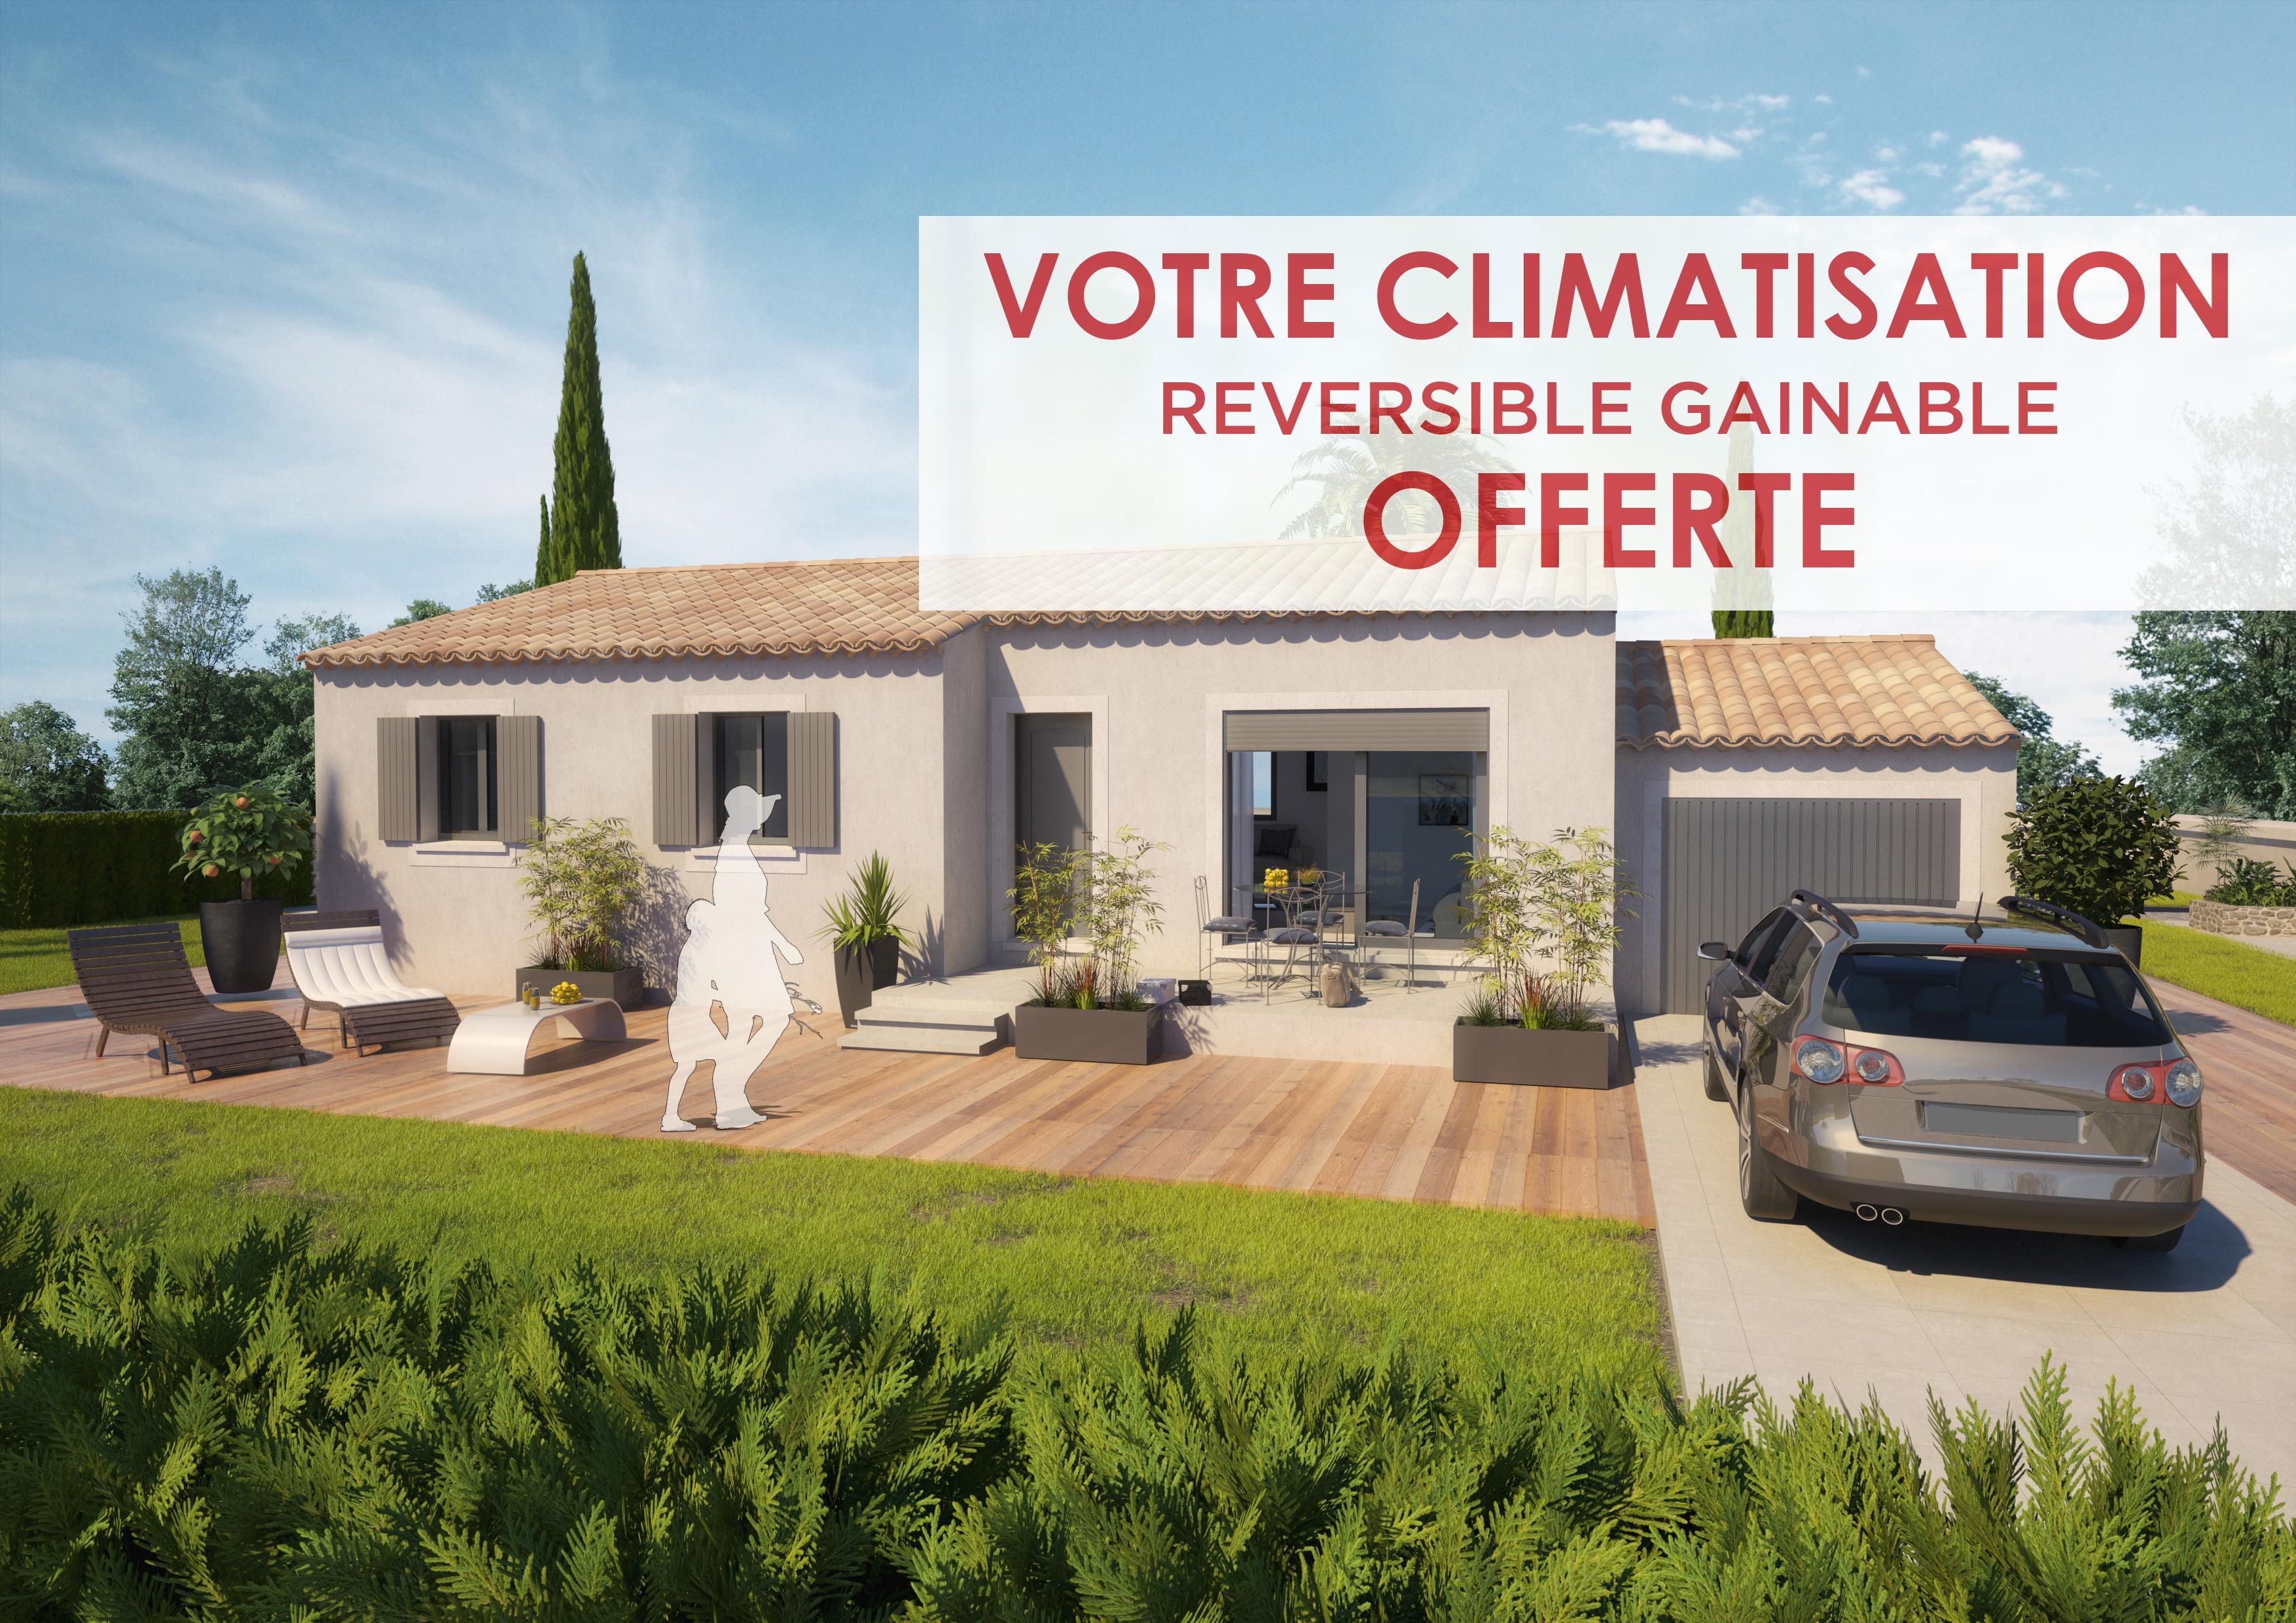 Maisons + Terrains du constructeur ART ET TRADITIONS MEDITERRANEE • 93 m² • TRESQUES